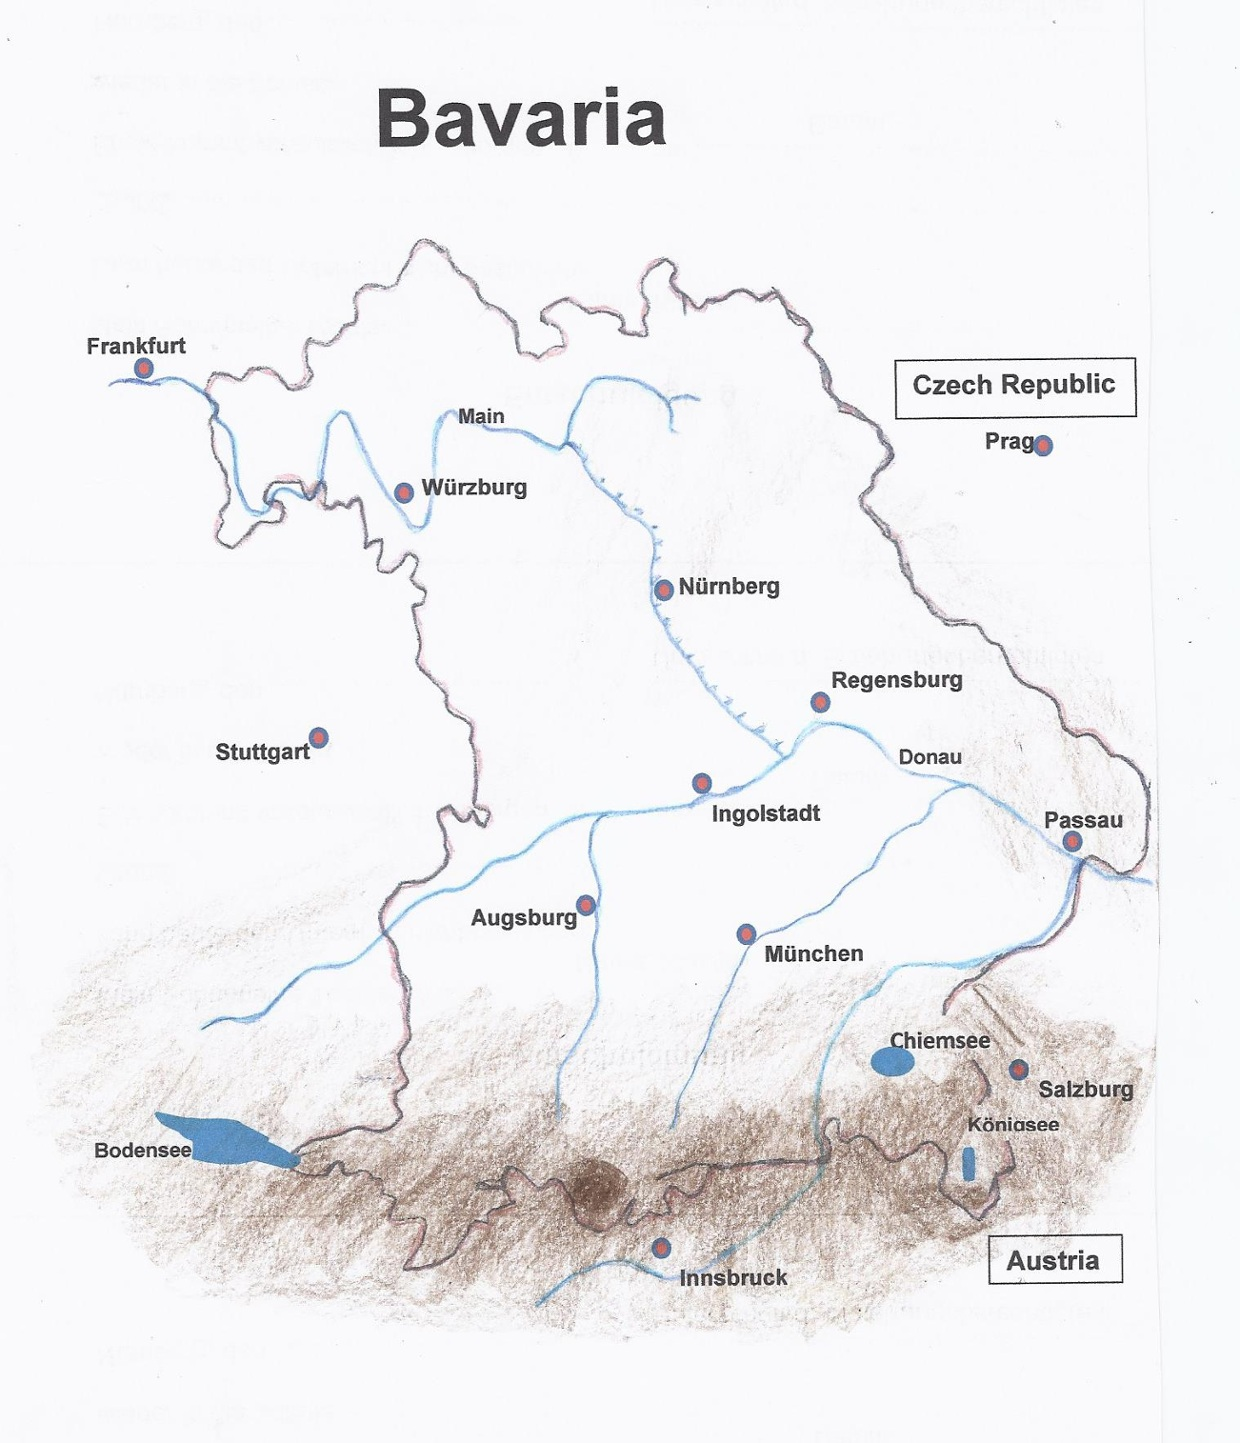 Fauna in Bavaria